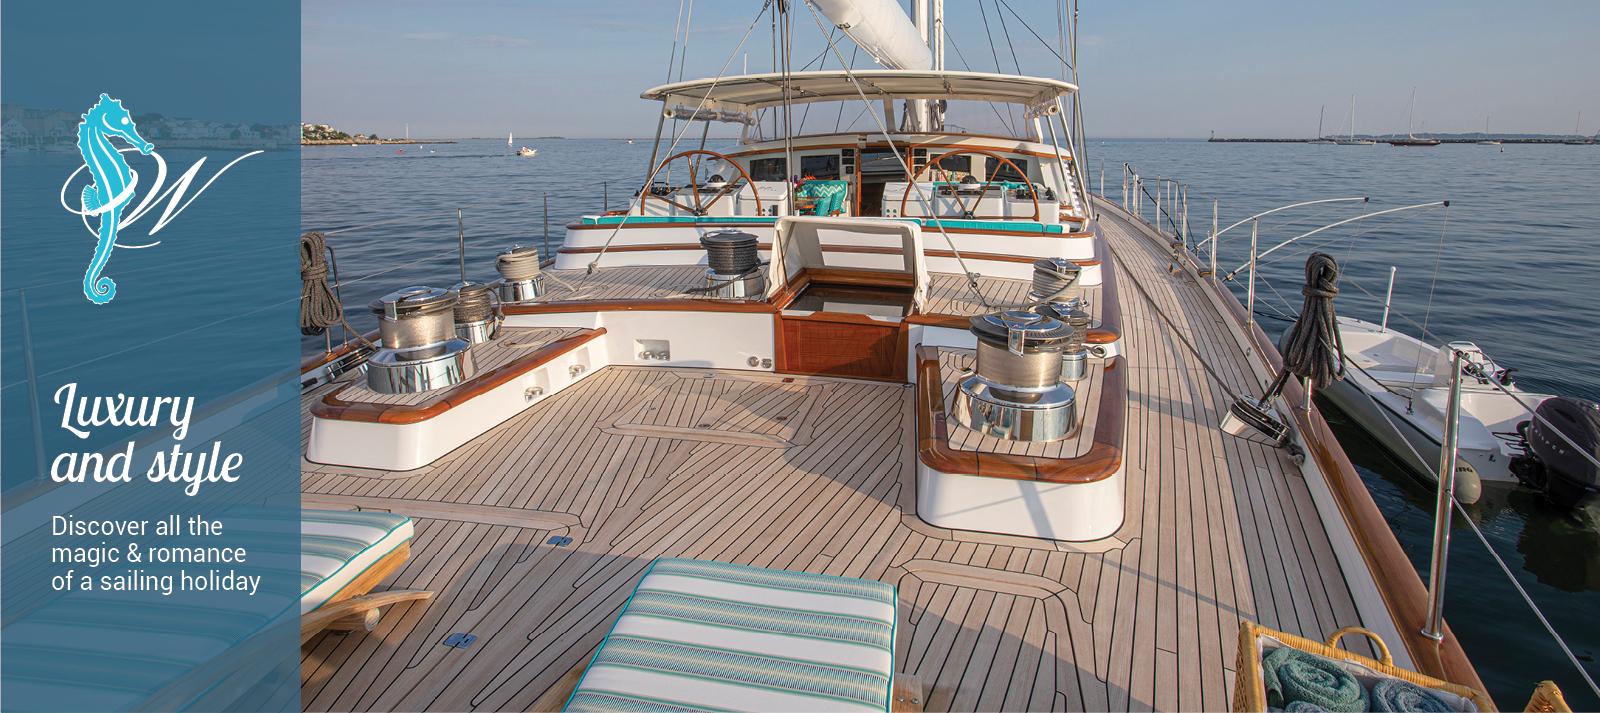 116-Yacht-Whisper-Slides-2.jpg